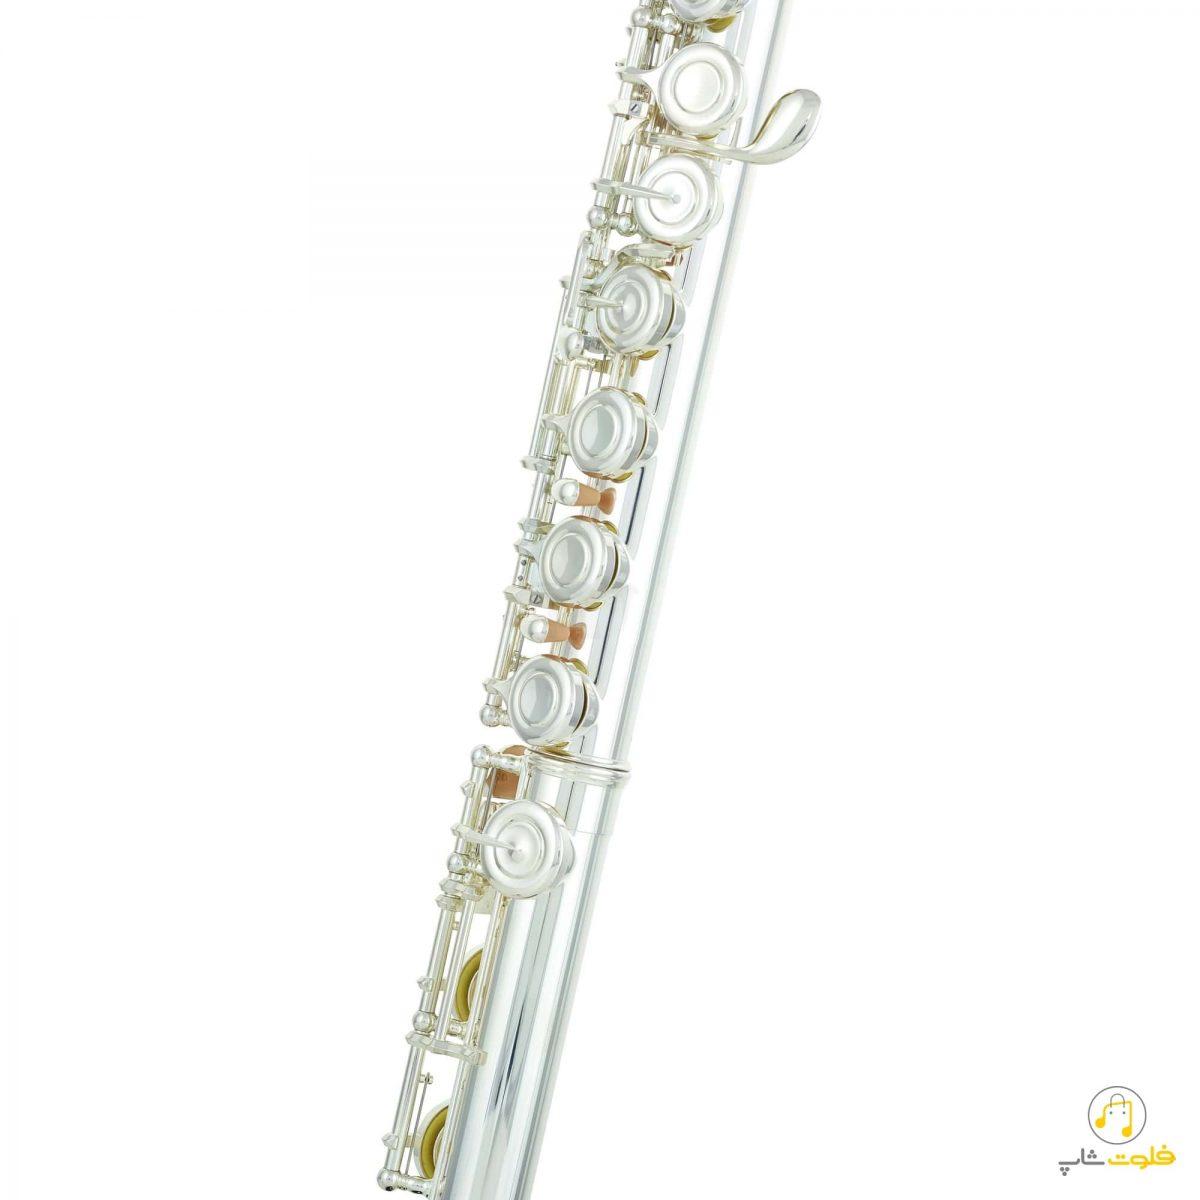 yamaha yfl 212 flute